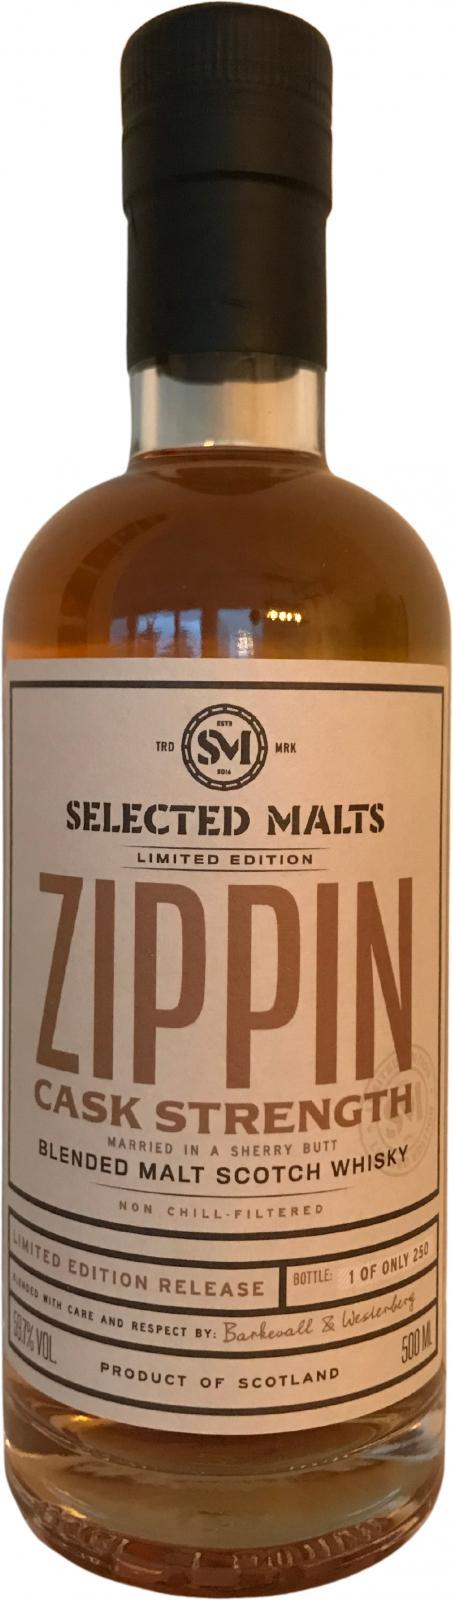 Zippin Blended Malt Scotch Whisky